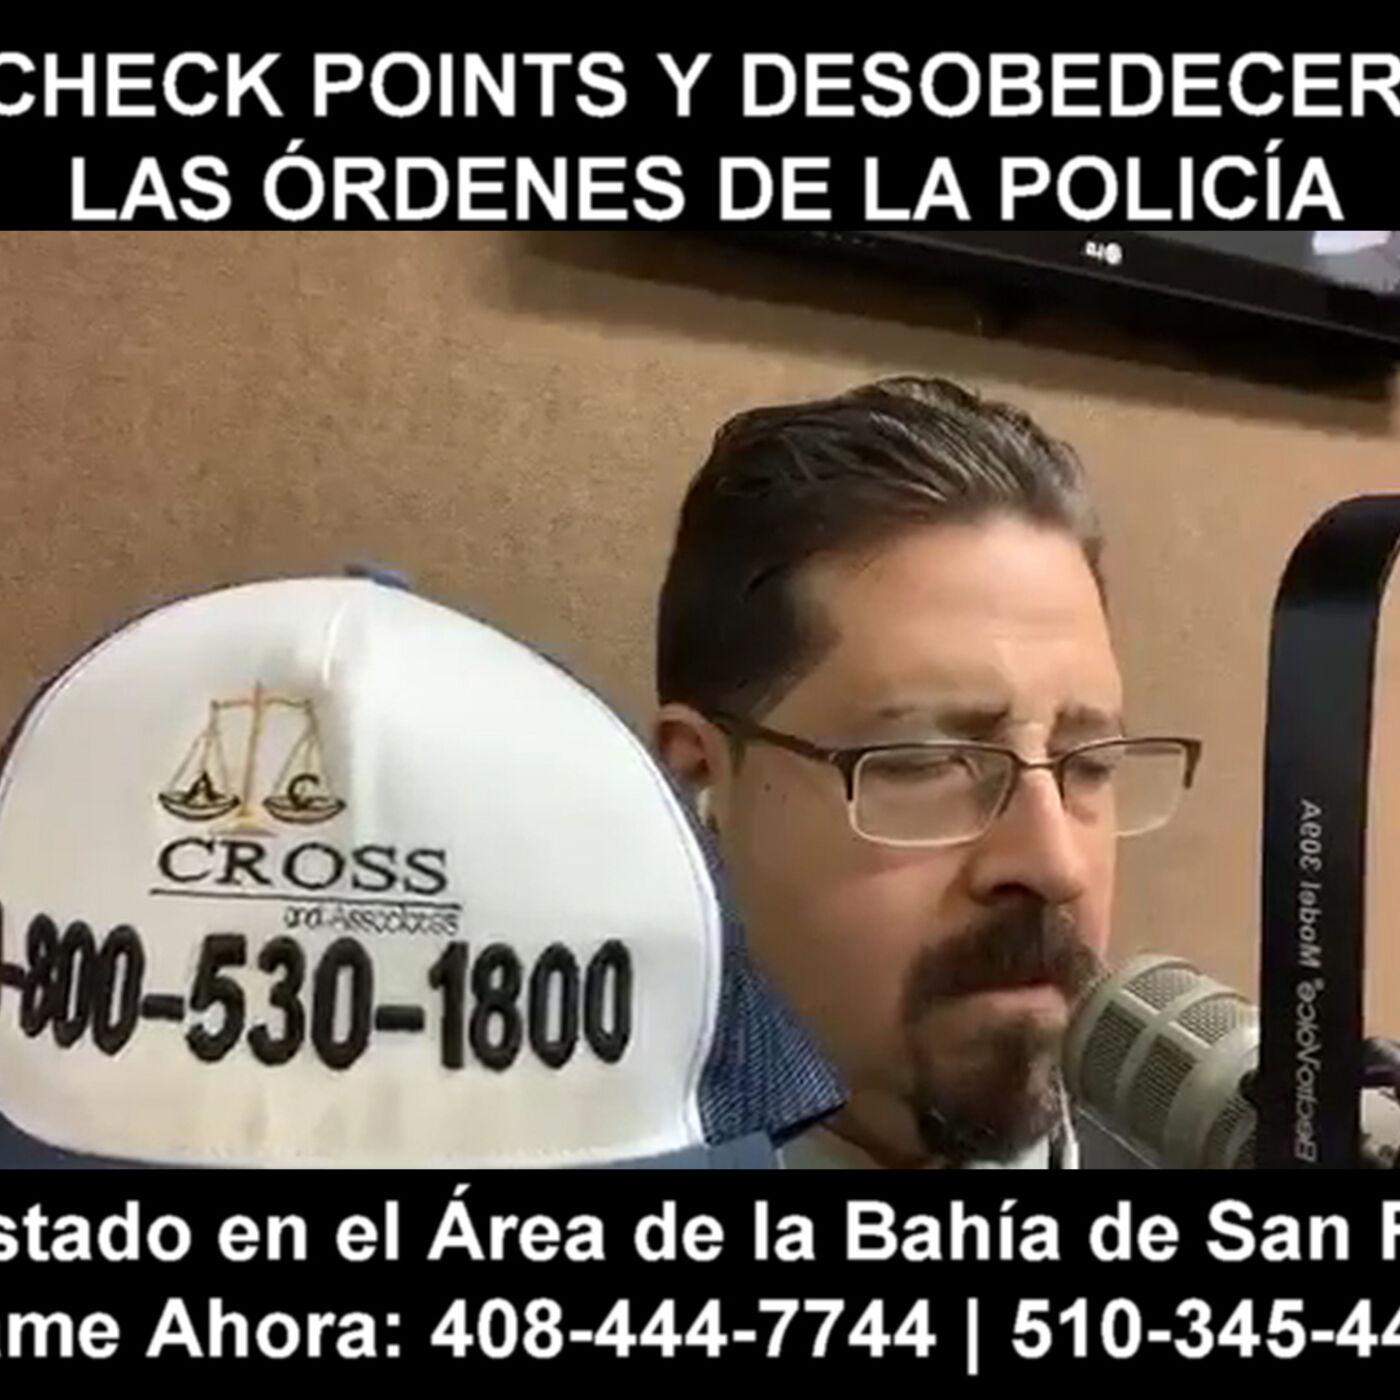 Check points y desobedecer las órdenes de la policía